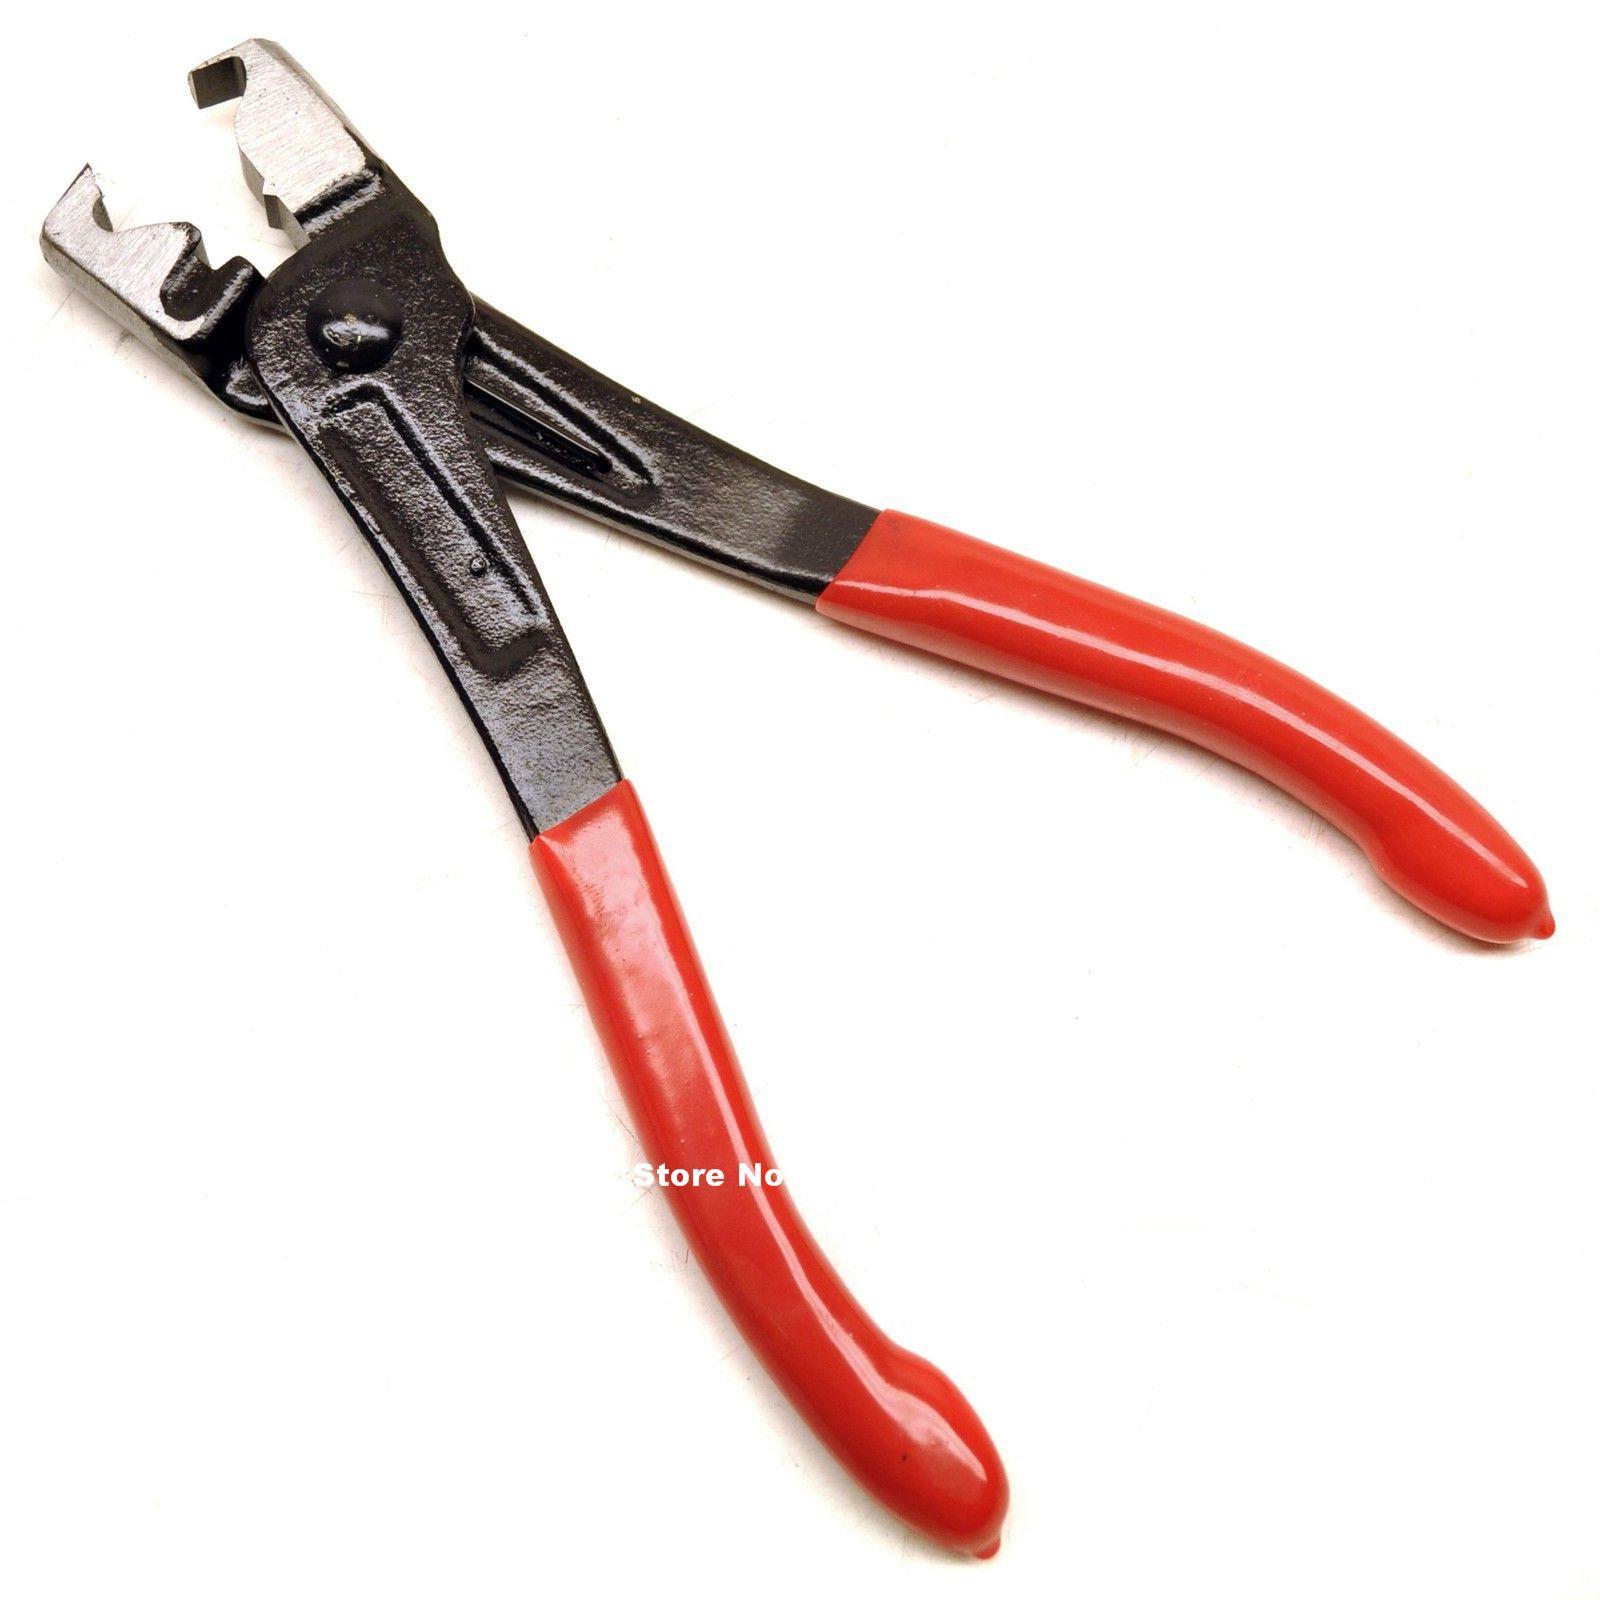 Universal Clic R Typ Kragen Schlauch Clip Zange Clic Werkzeug Auto Reparatur Garage Werkzeuge Für VW Audi Toyota Mercedes R TYP AT2173